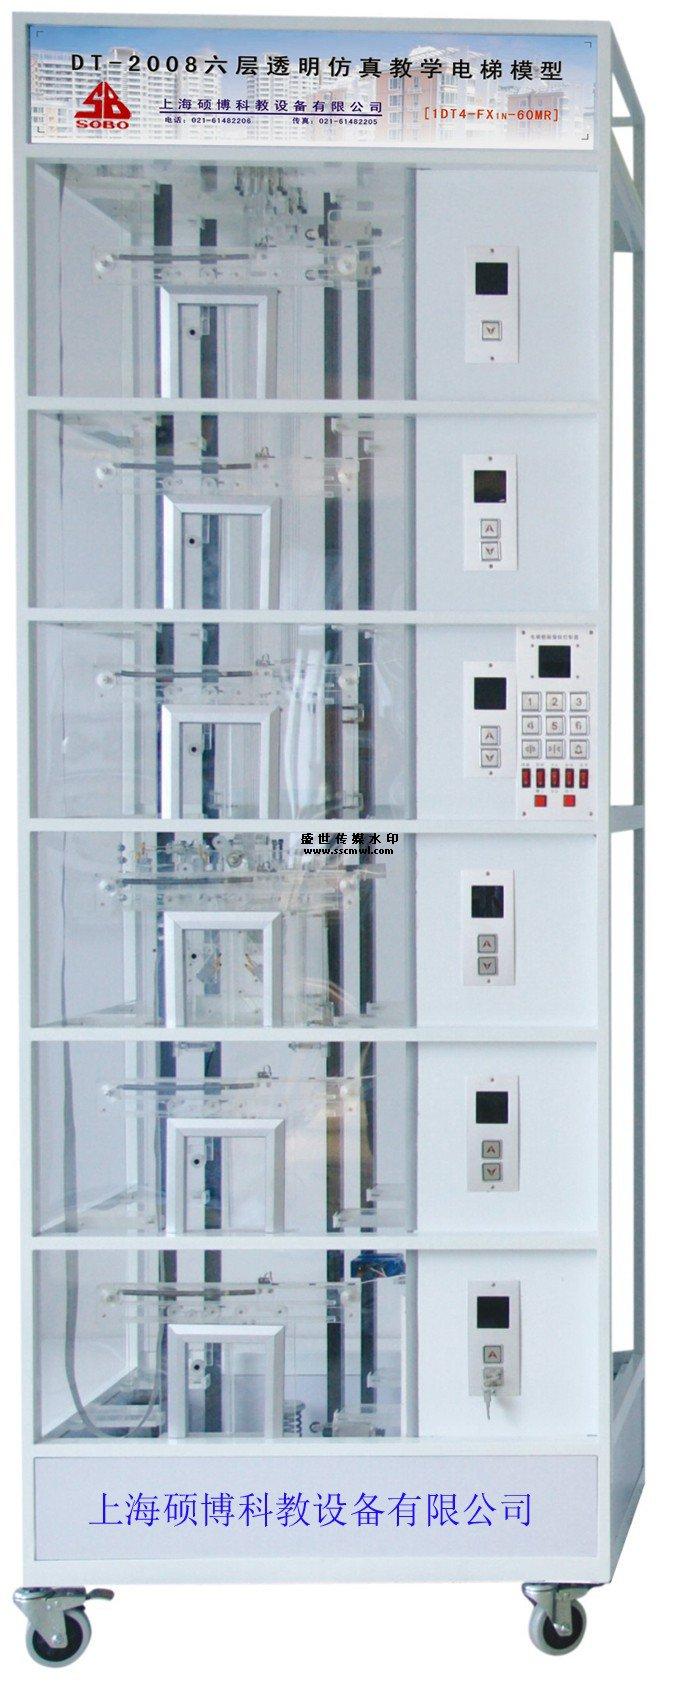 23  轿厢内操纵盒  块  1  安装在电梯底座外部  24  楼层显示屏  个